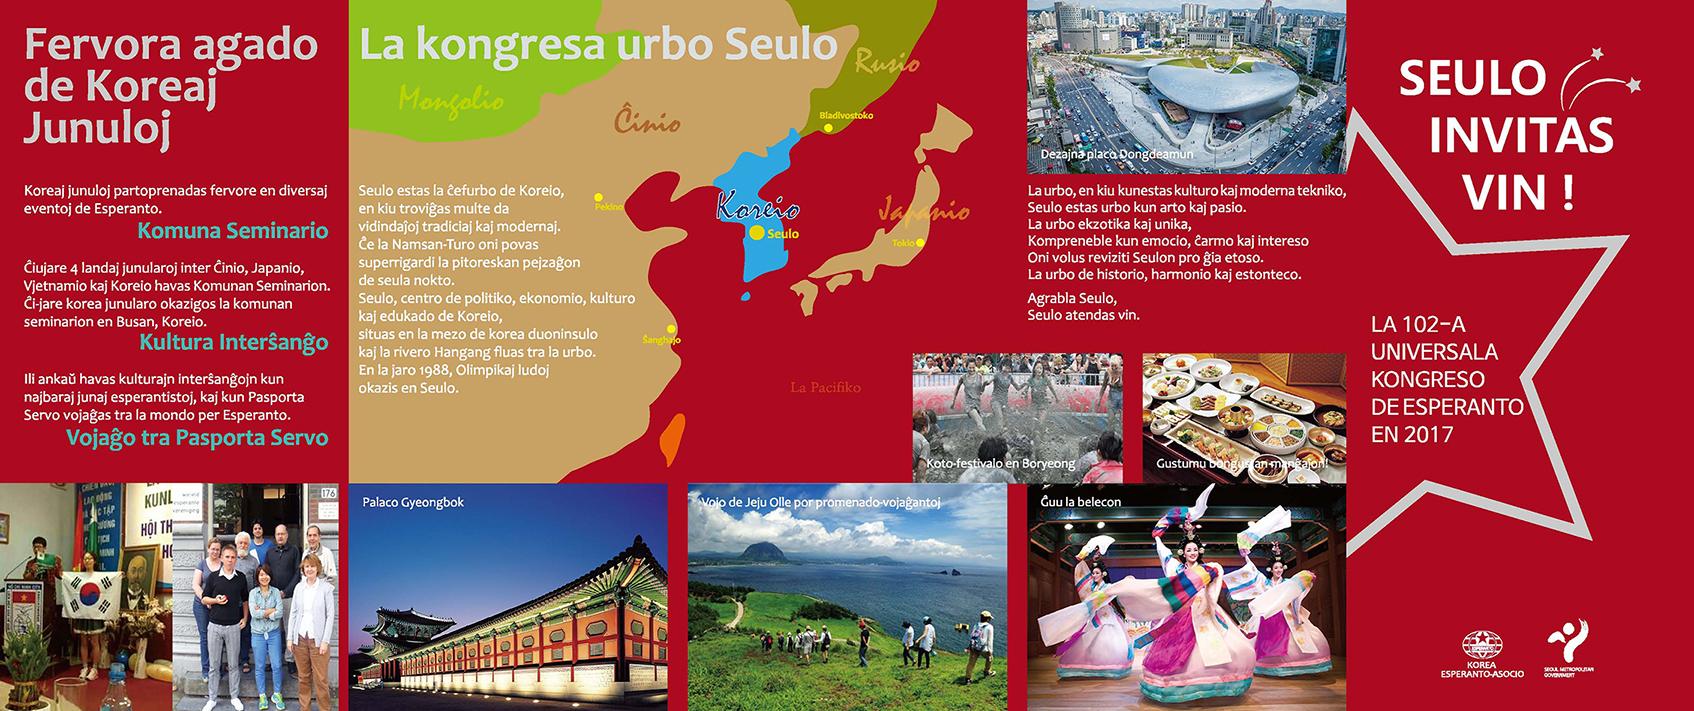 seulo-invitas_01_leaflet_2015